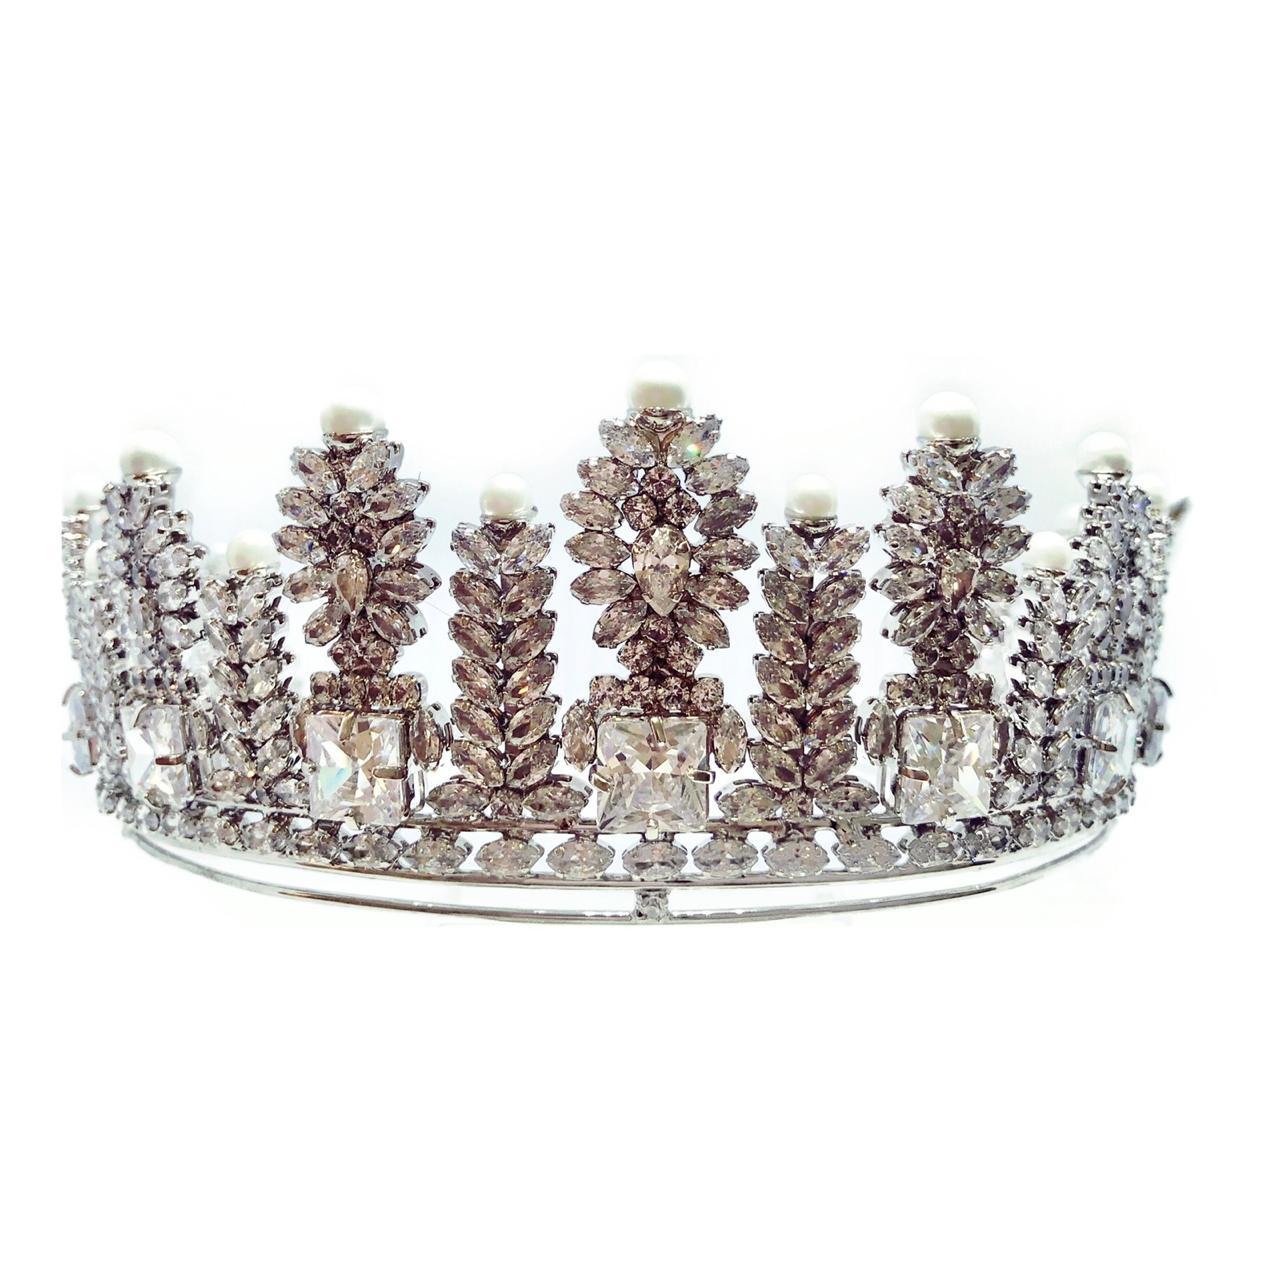 Coroa para Noivas, Alta, Imponente, toda cravejada de Zircônias de Múltiplas lapidações - Coroa Guilhermina